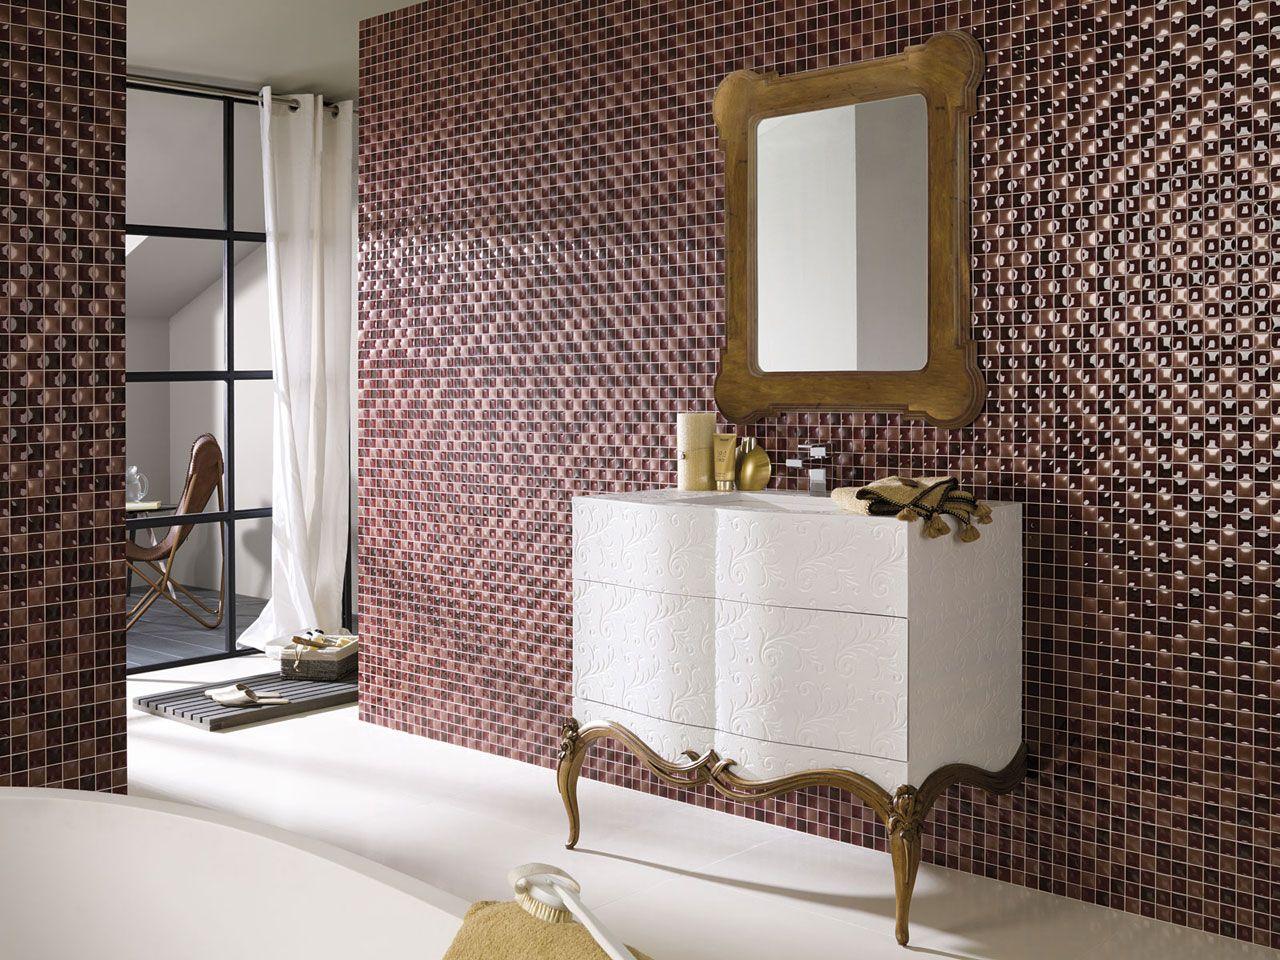 Mobiliario baño   Muebles para el baño   PORCELANOSA ...